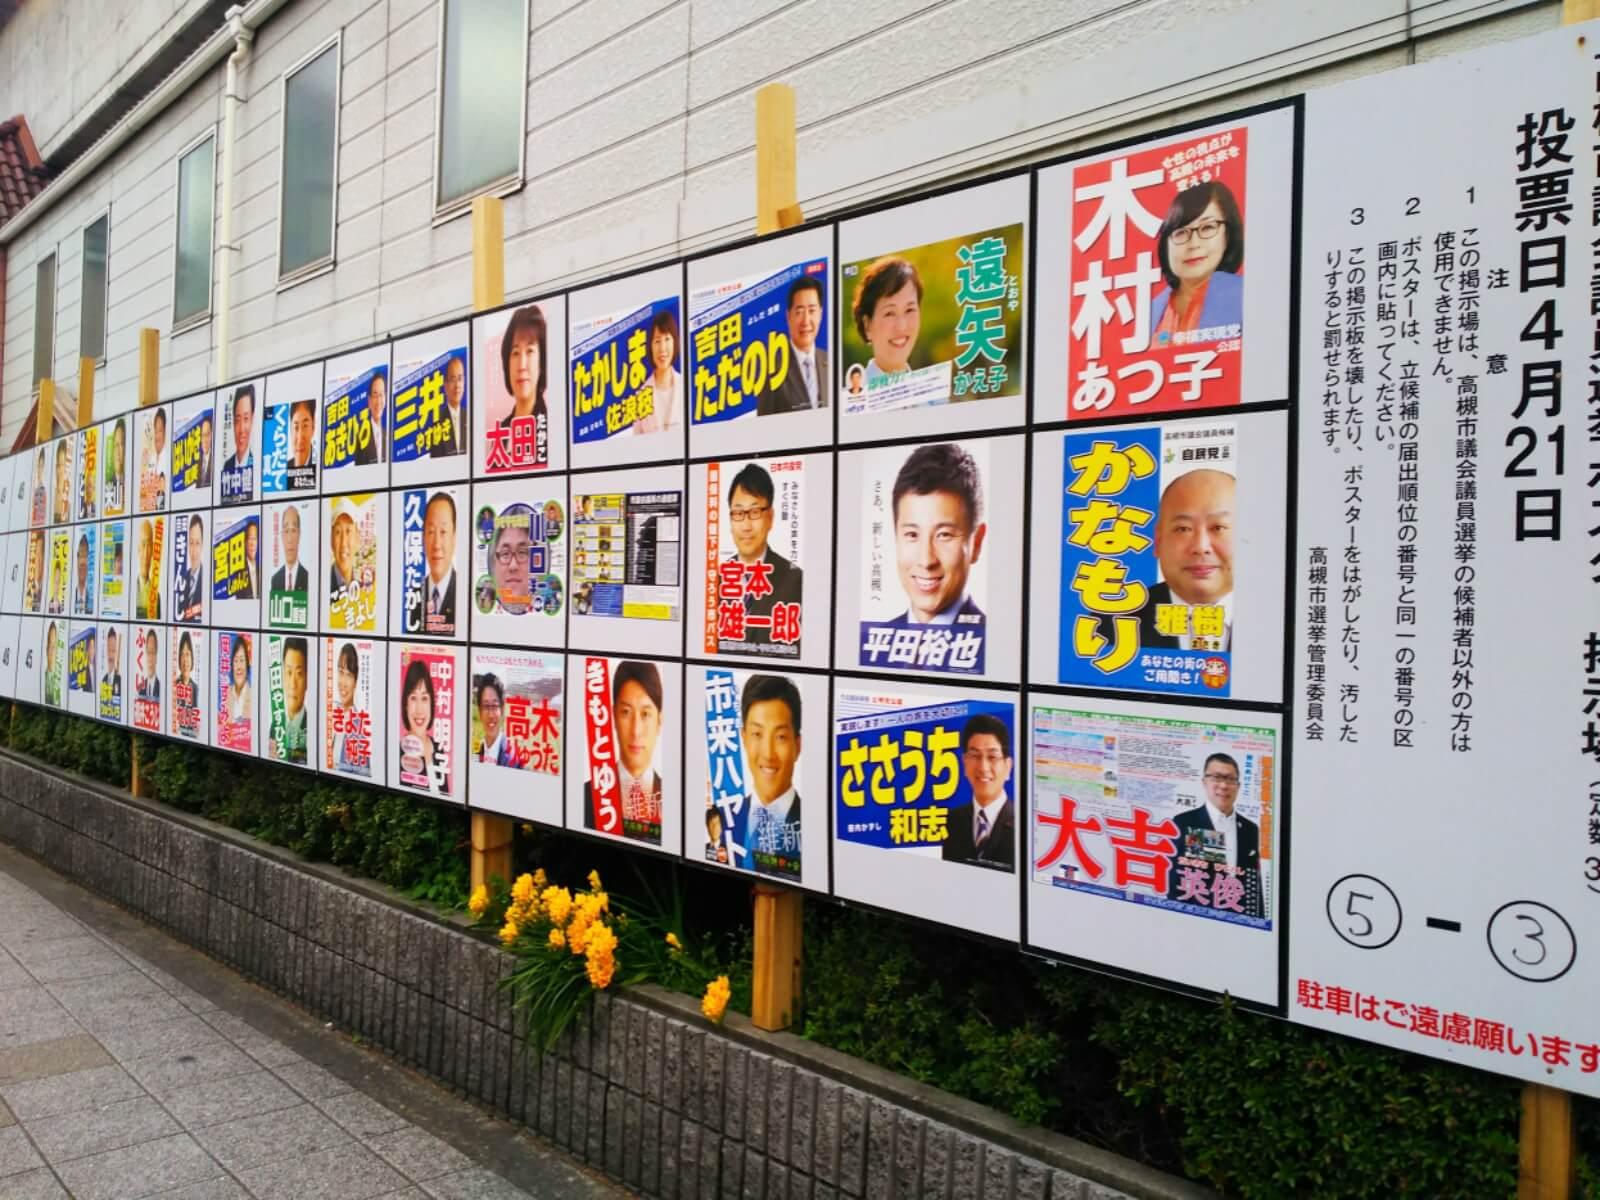 仙台 市議会 議員 選挙 結果